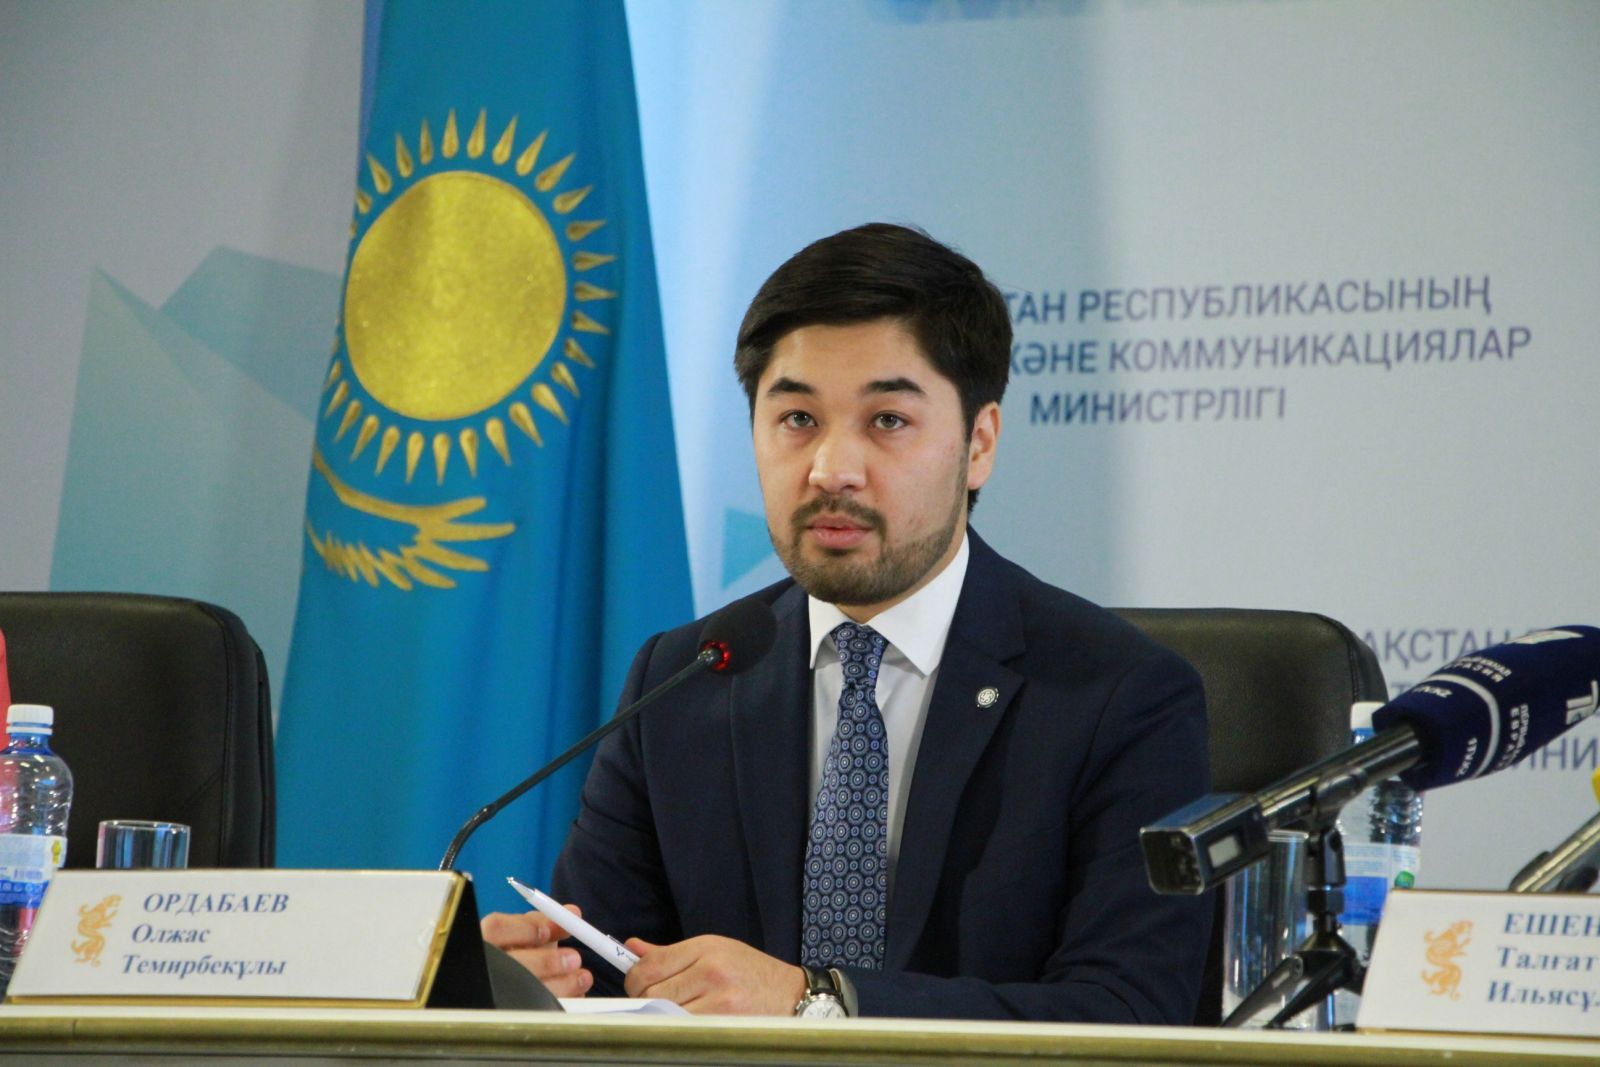 В Казахстане назвали лидеров и аутсайдеров высшего образования